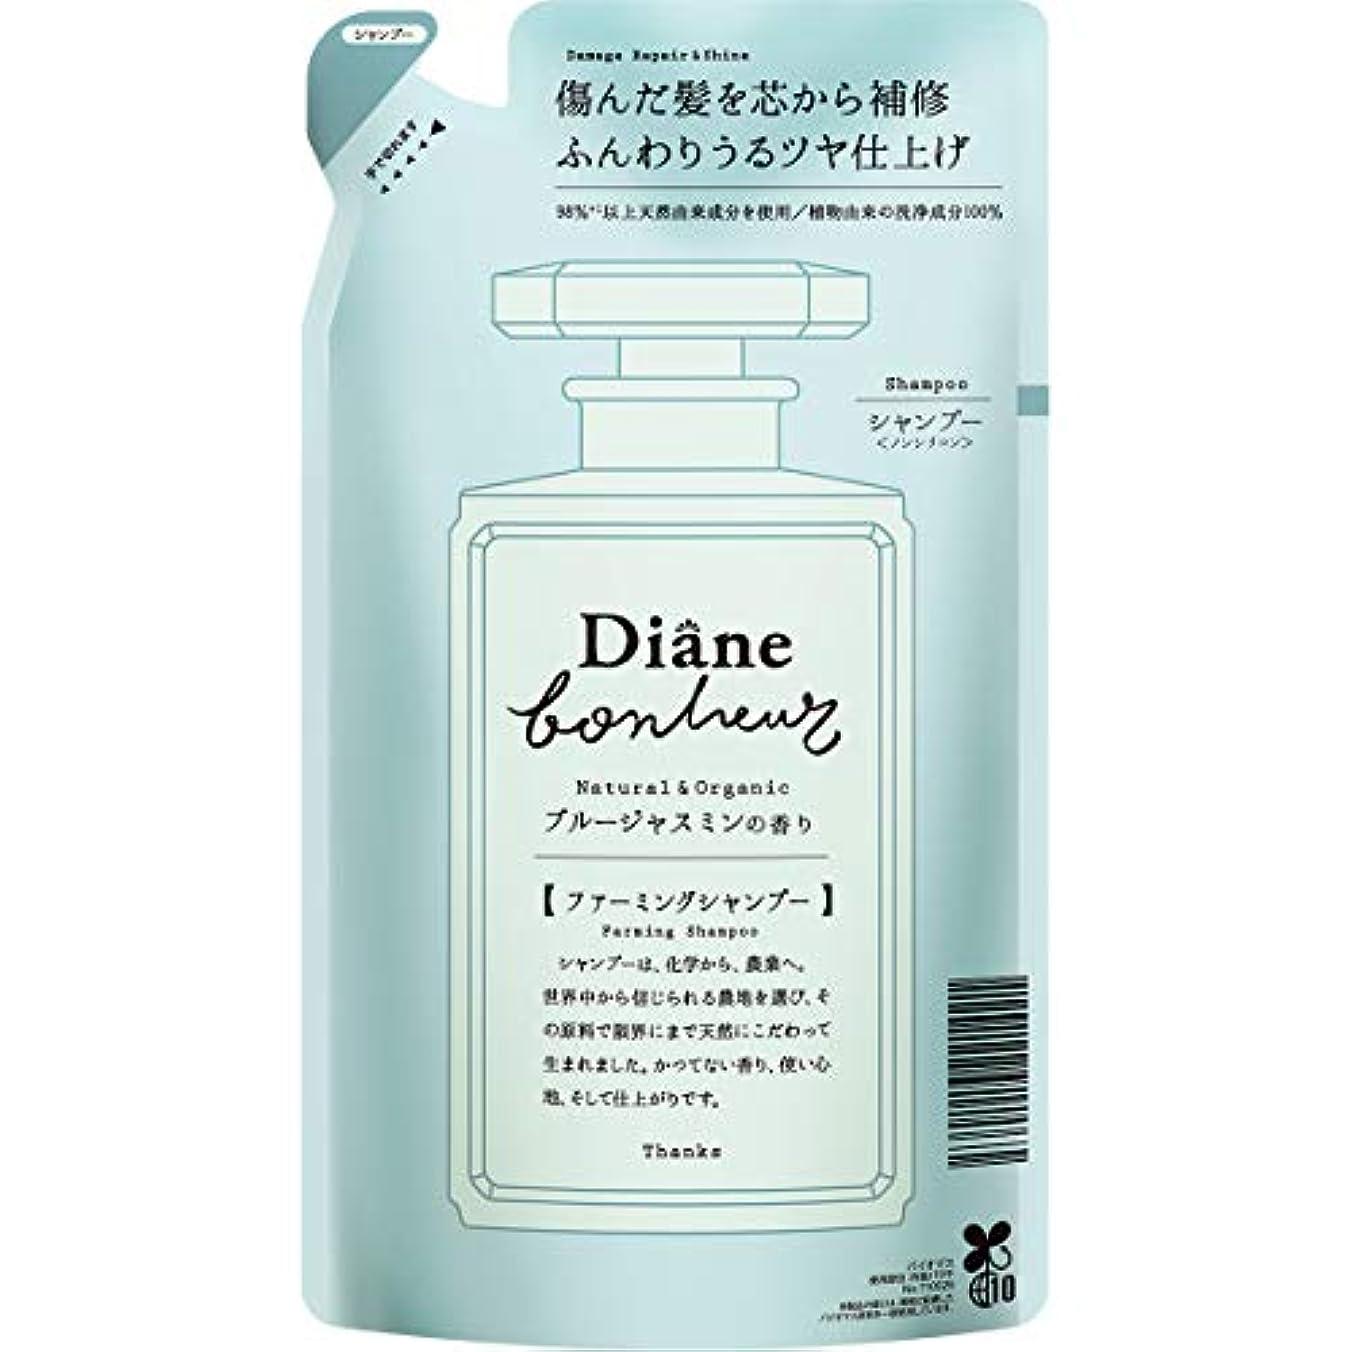 絶望的なアイザック作者ダイアン ボヌール シャンプー ブルージャスミンの香り ダメージリペア&シャイン 詰め替え 400ml